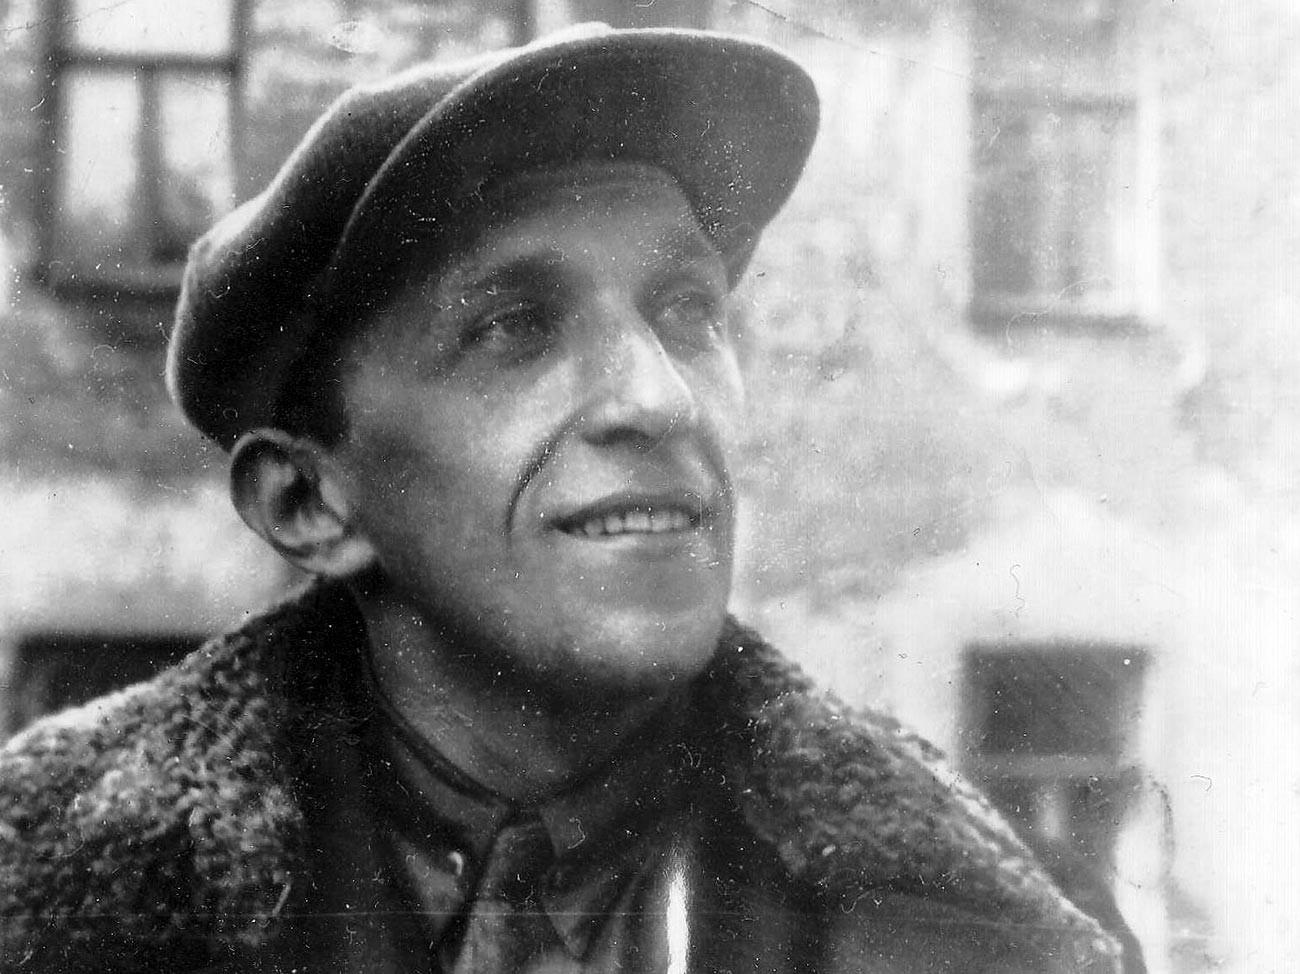 ヤーコフ・セレブリャンスキー